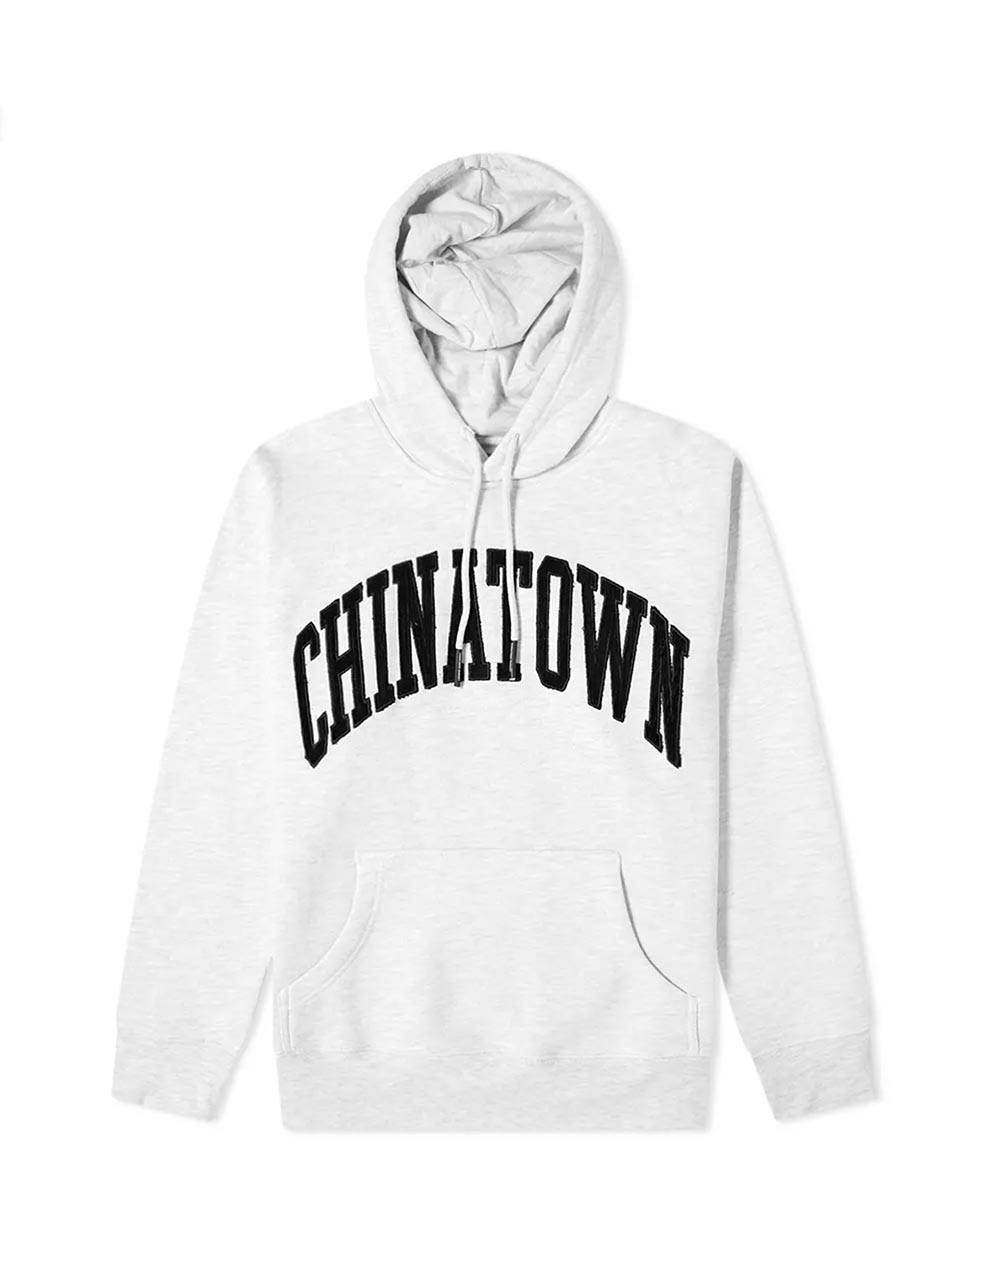 ChinaTown Market Corduroy arch hoodie - grey melange Chinatown Market Sweater 129,00€